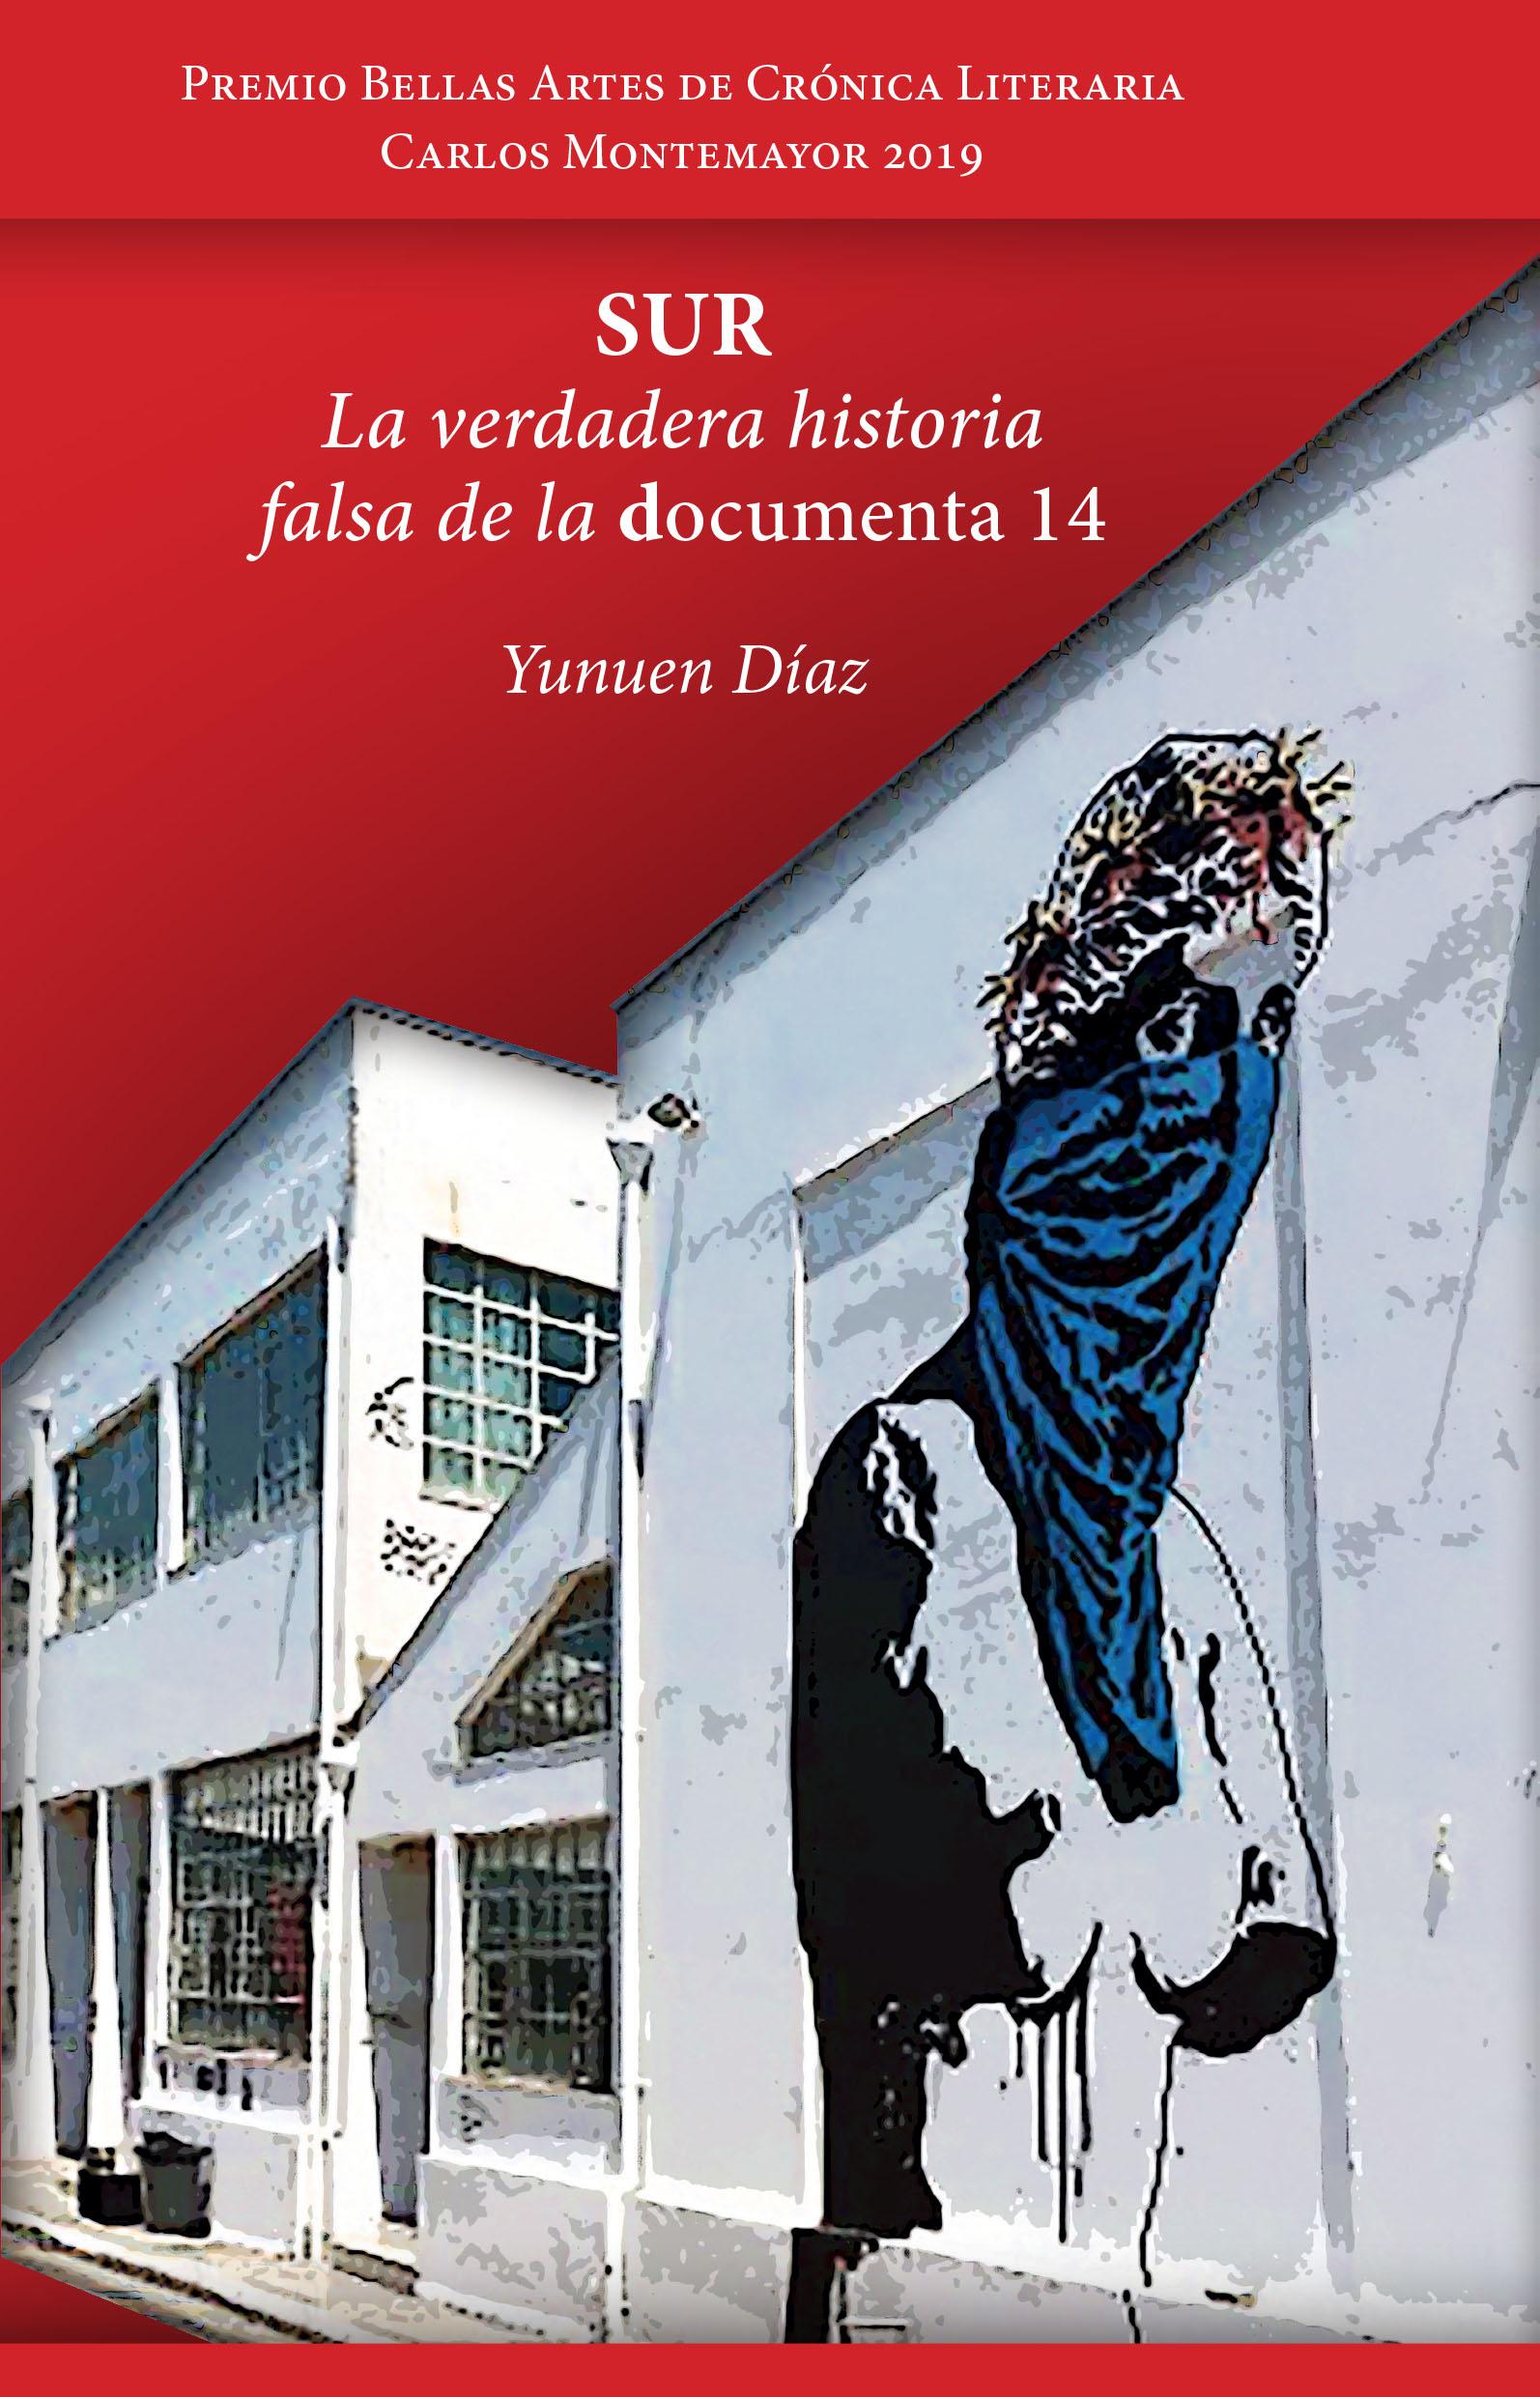 SUR La verdadera historia falsa de la documenta 14